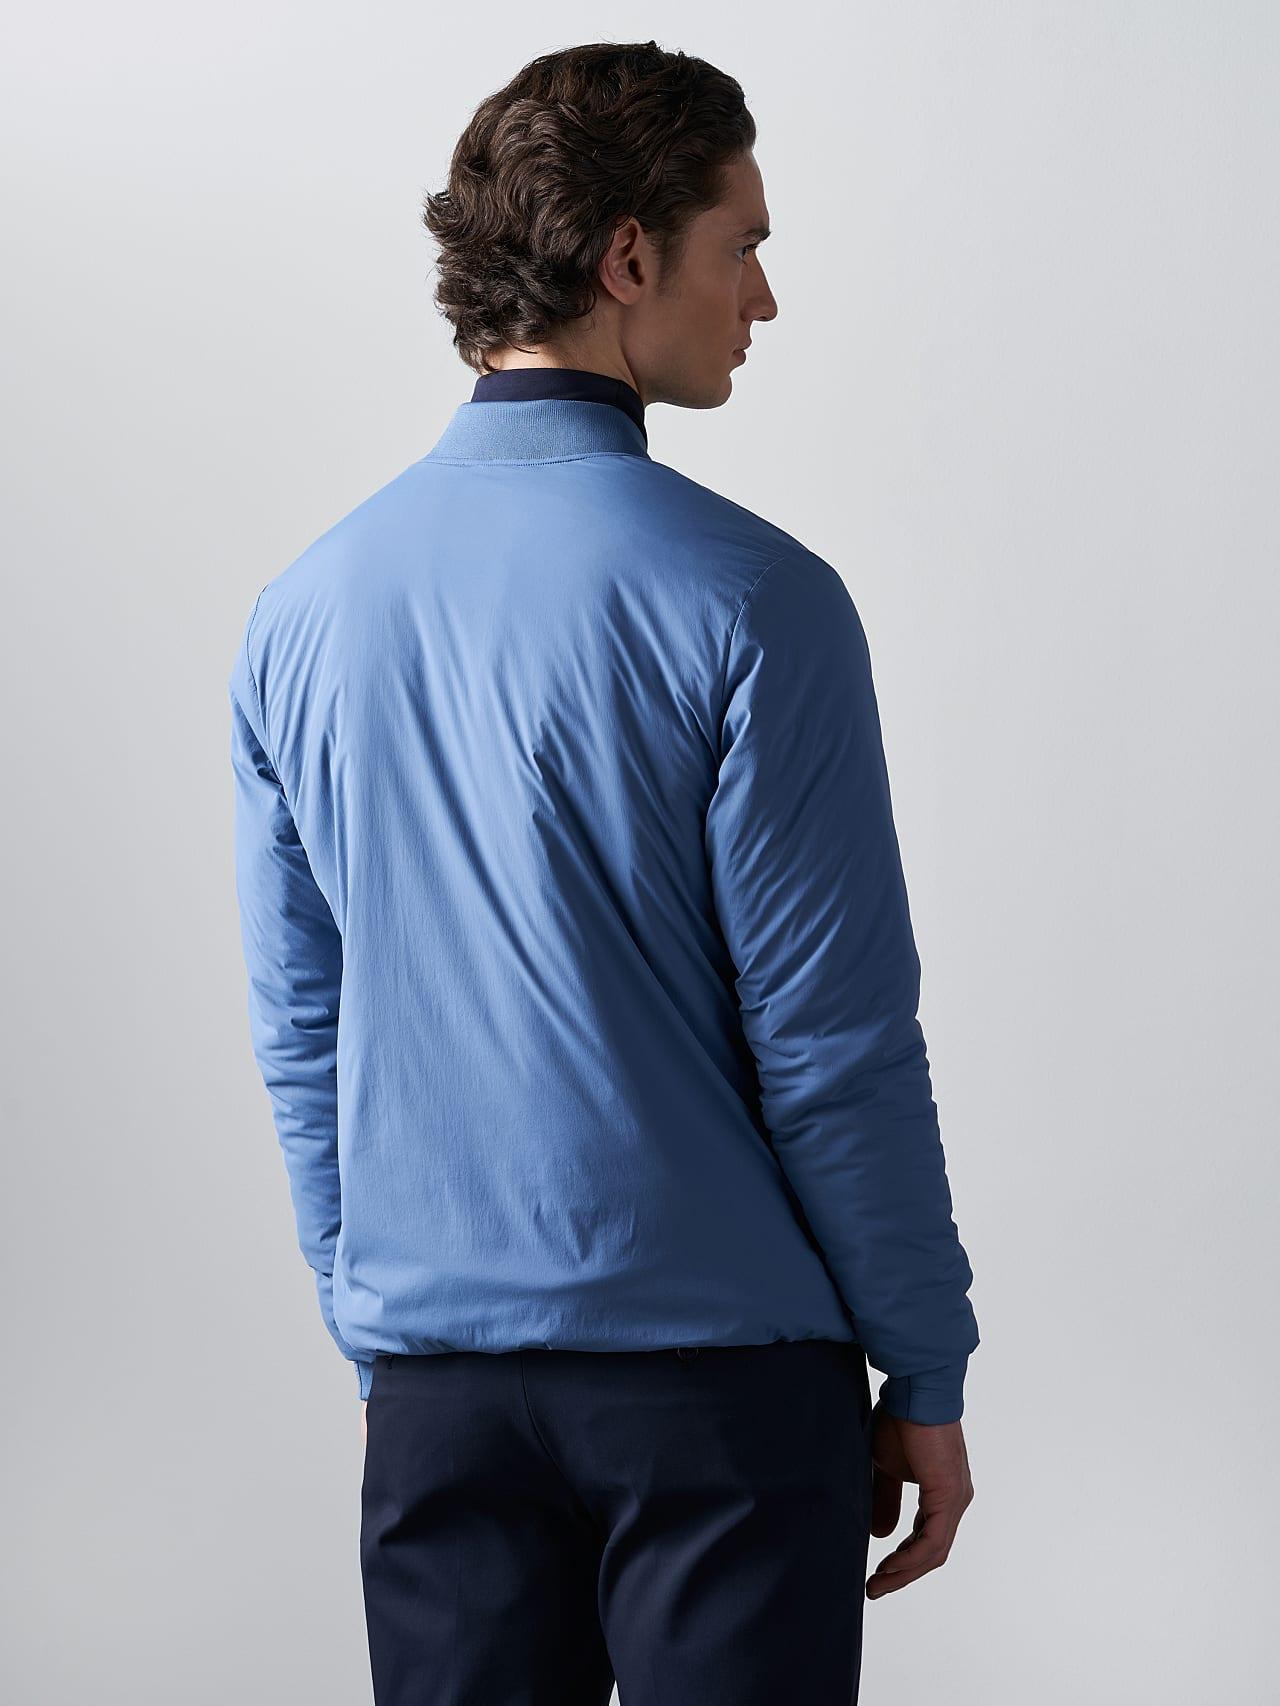 OPRIM V3.Y5.02 Padded PrimaLoft® Jacket light blue Front Main Alpha Tauri